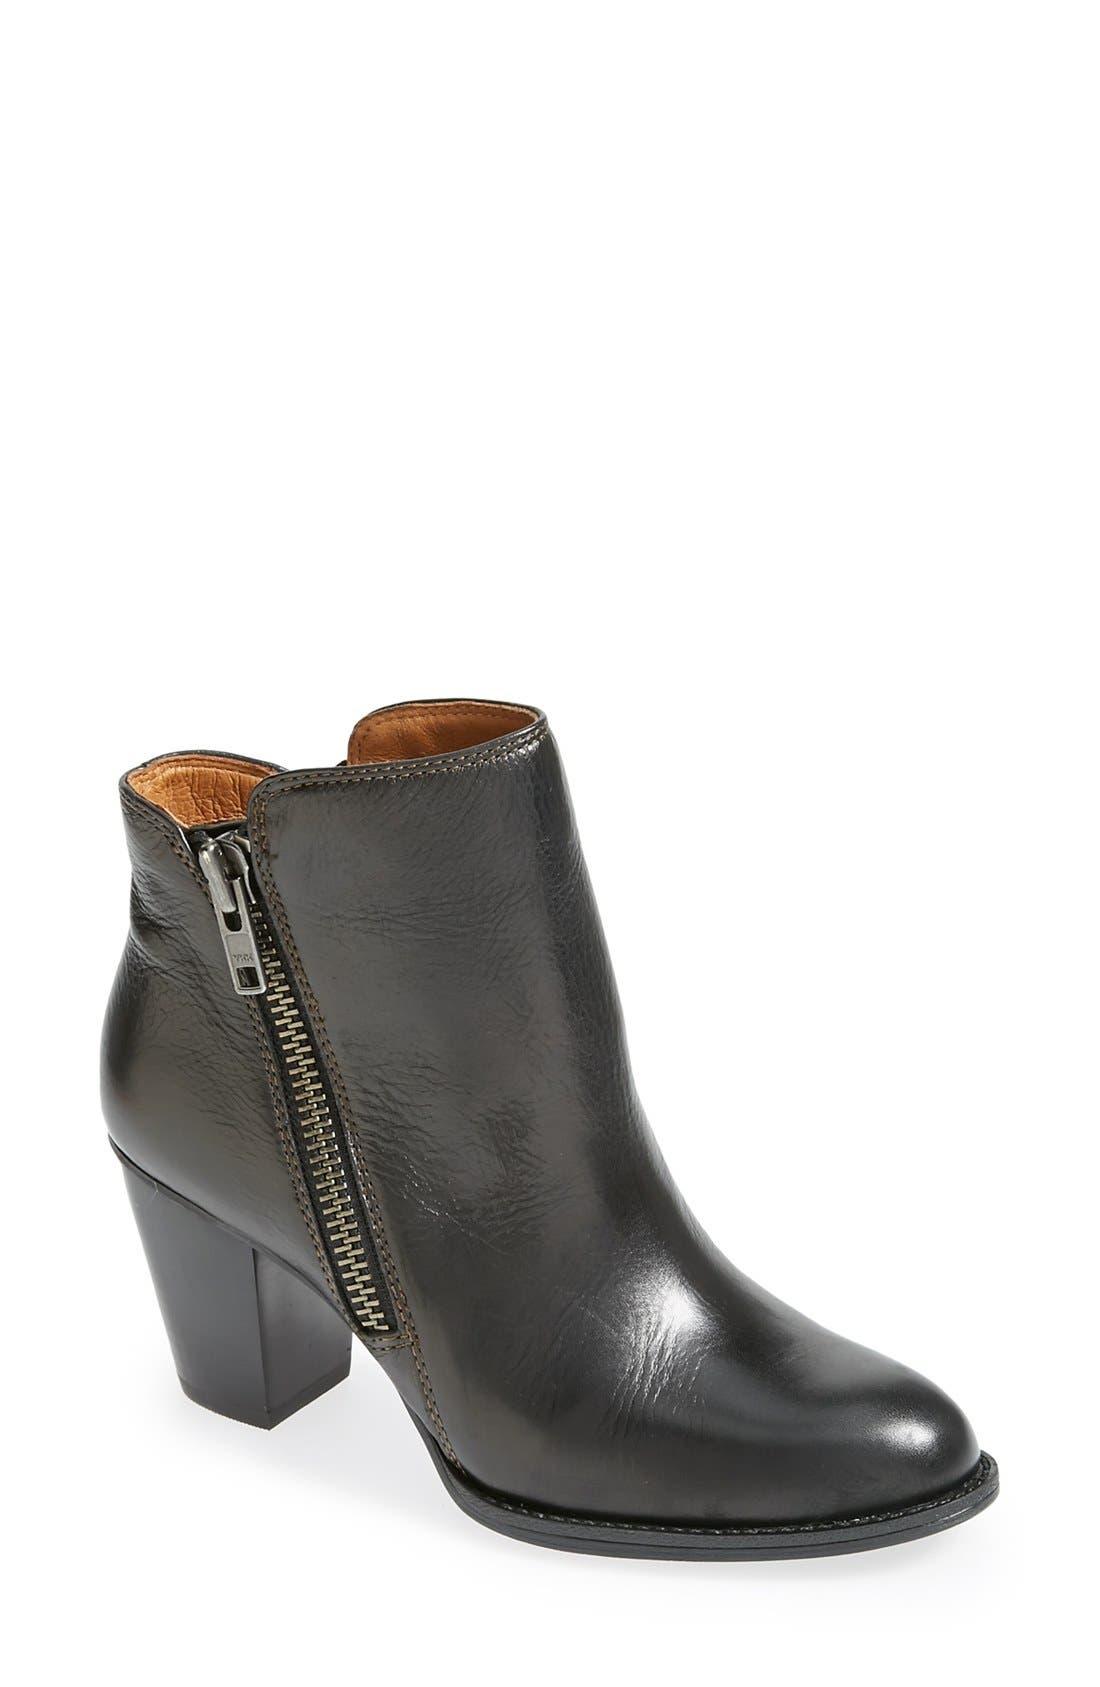 Main Image - Söfft 'Wera' Leather Bootie (Women)